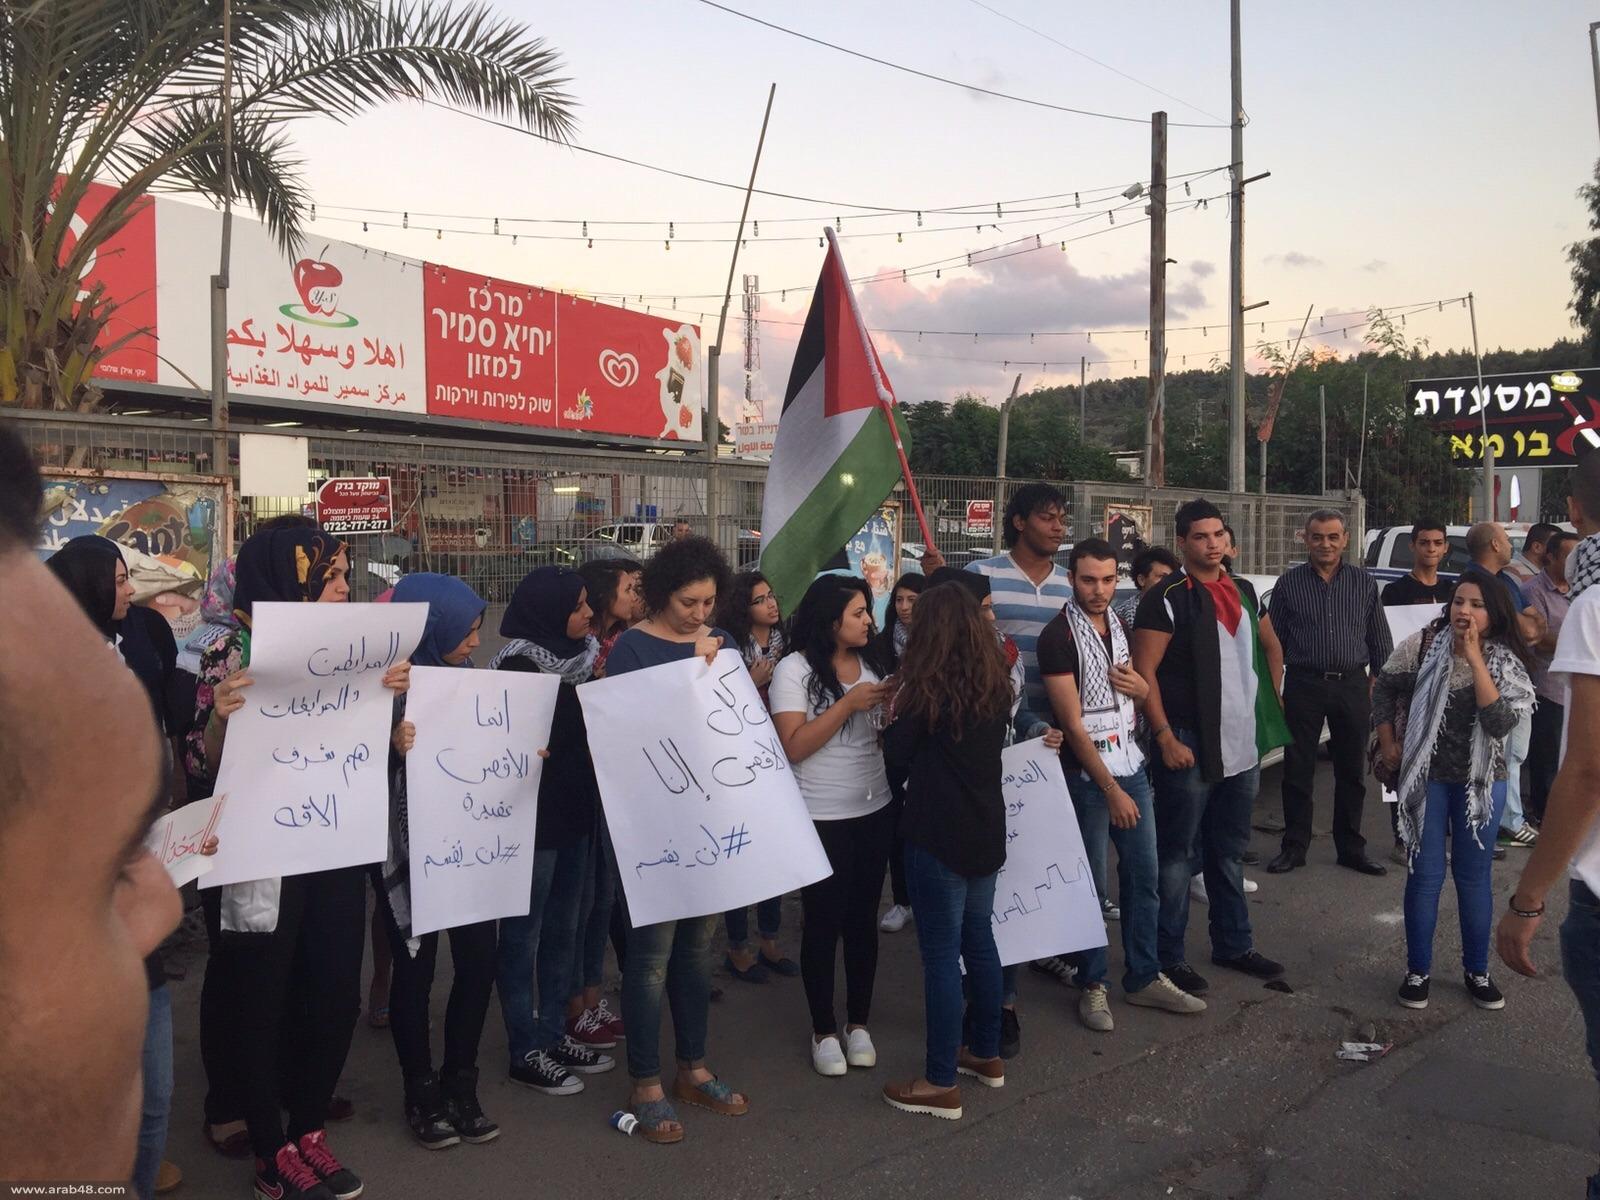 زحالقة خلال تظاهرة كفر قرع: سنحمي الأقصى بكل ثمن